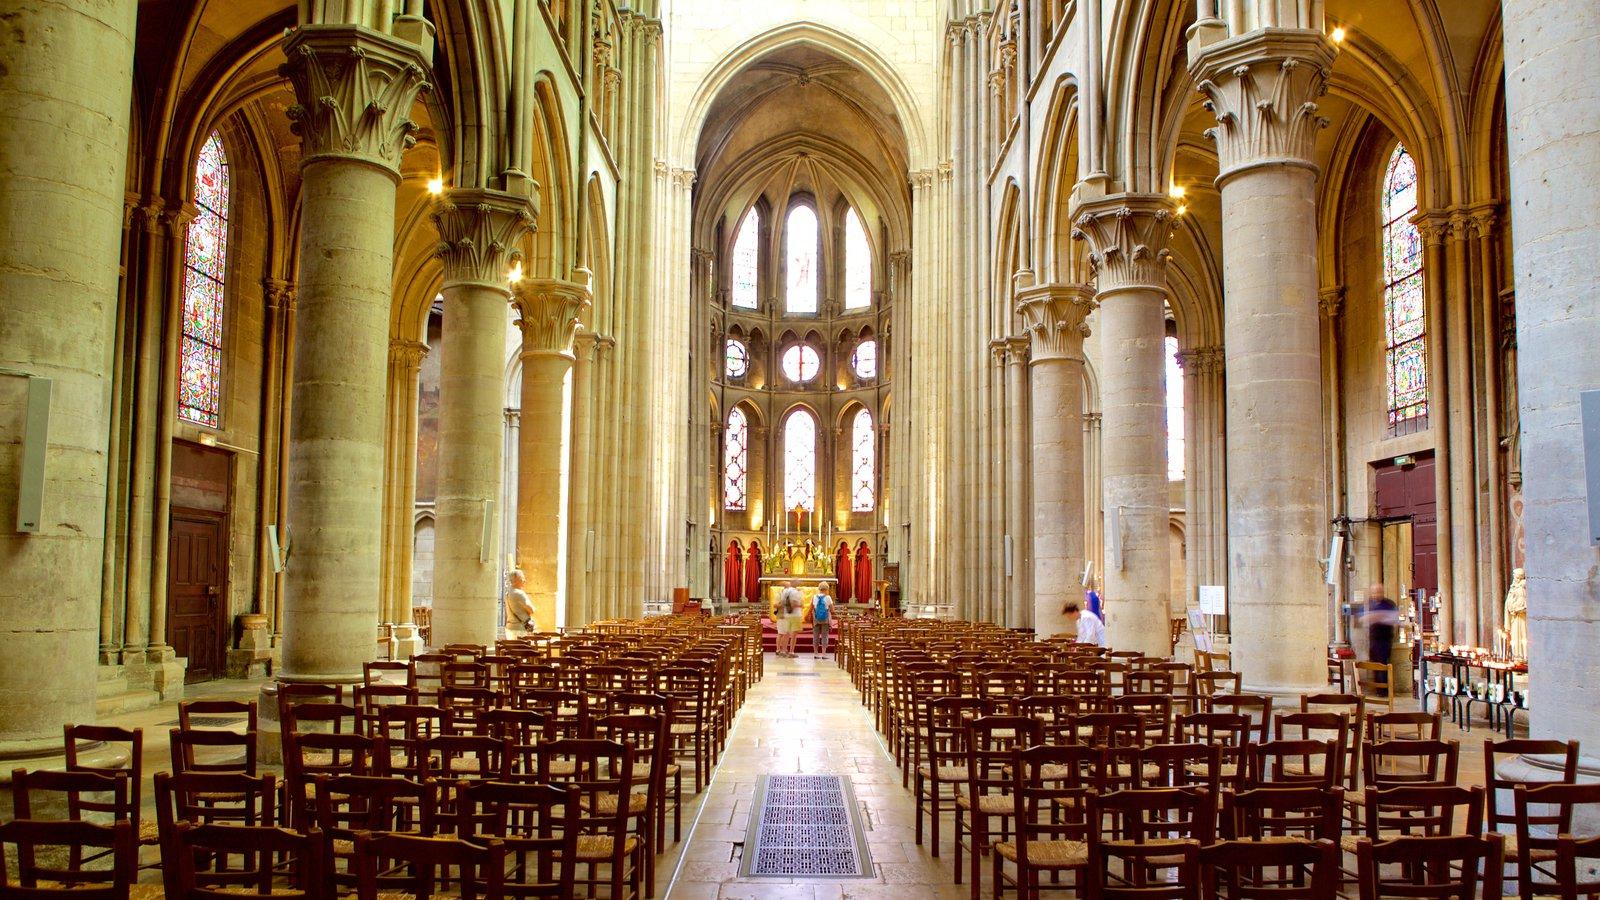 Igreja de Notre Dame que inclui arquitetura de patrimônio, elementos religiosos e uma igreja ou catedral